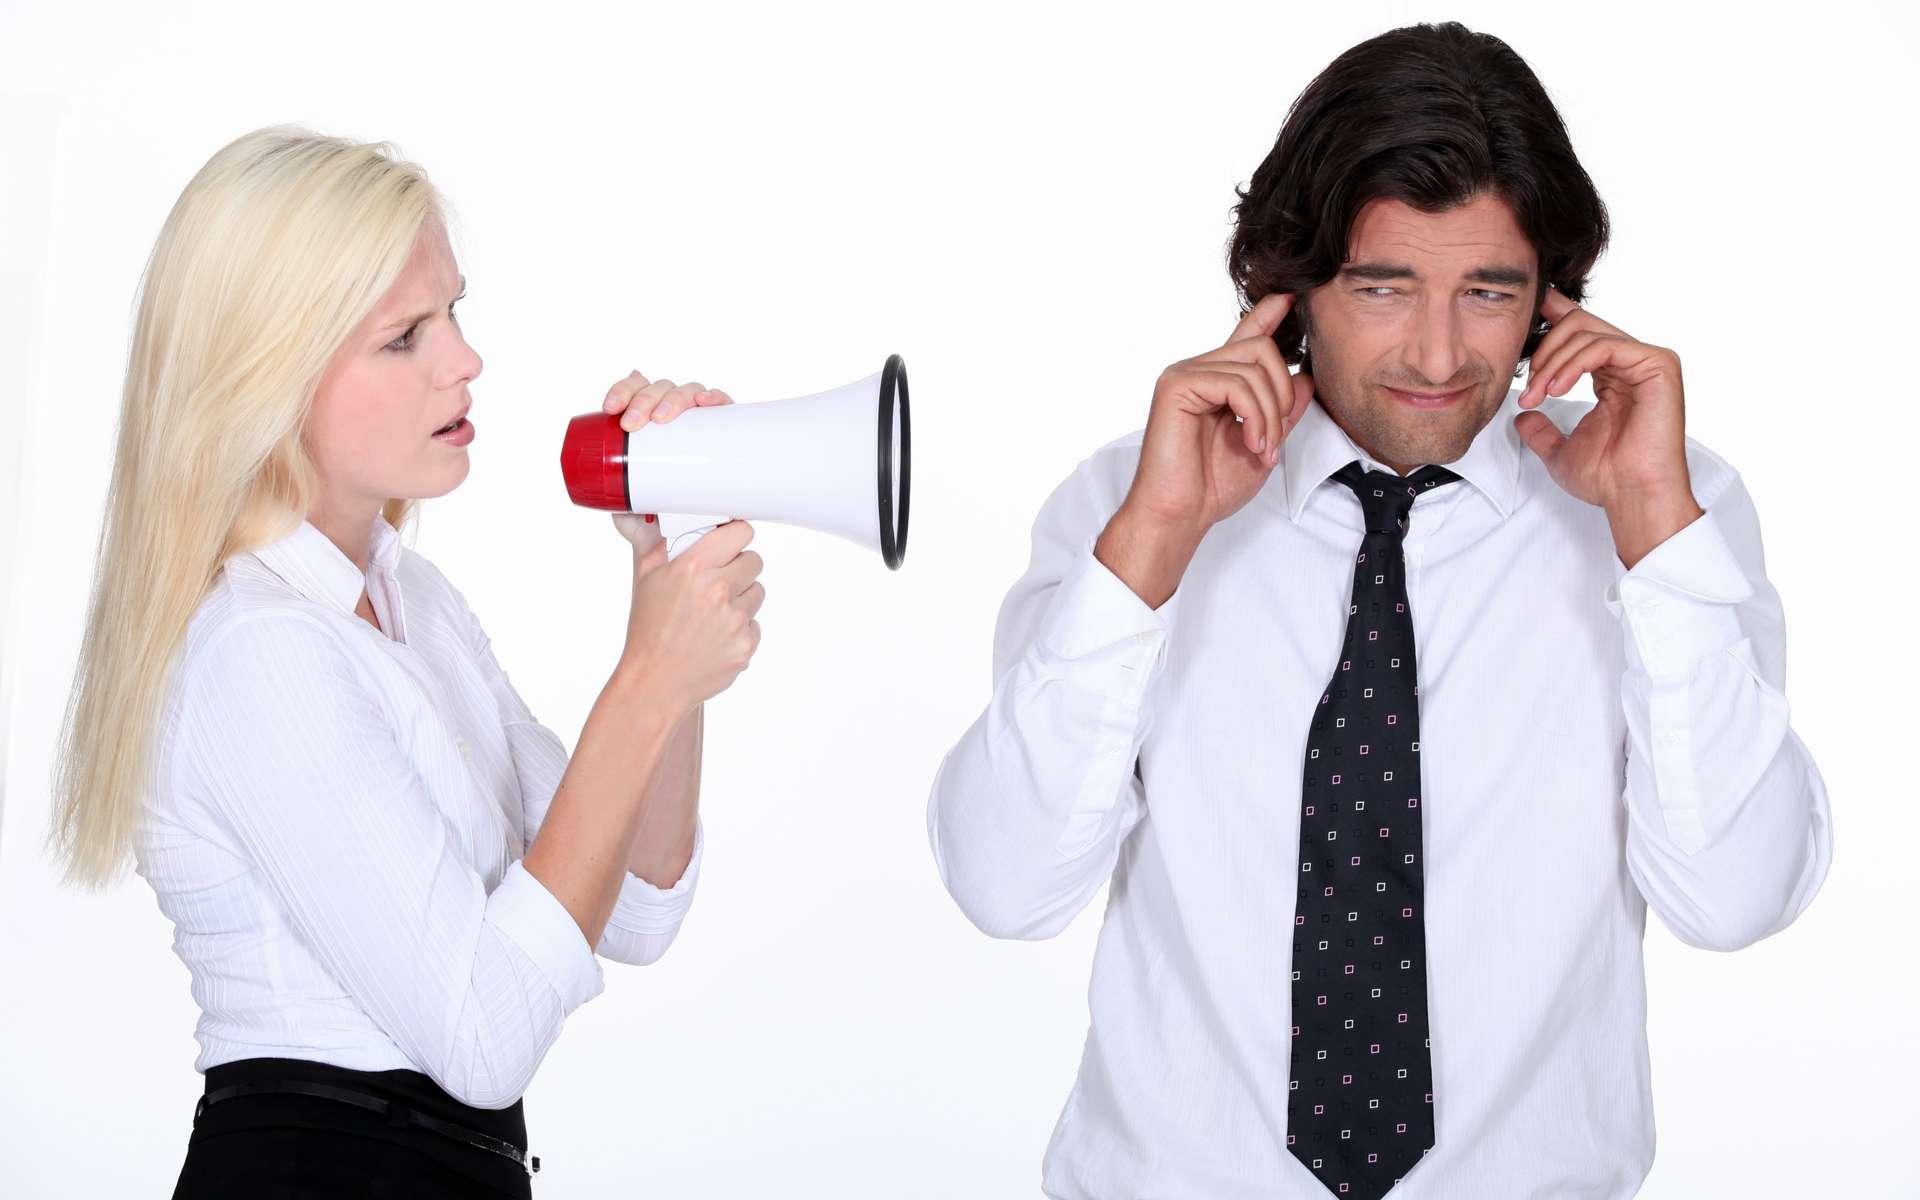 Le message auditif est analysé par les aires de l'audition et du langage, dans le cerveau. © Phovoir